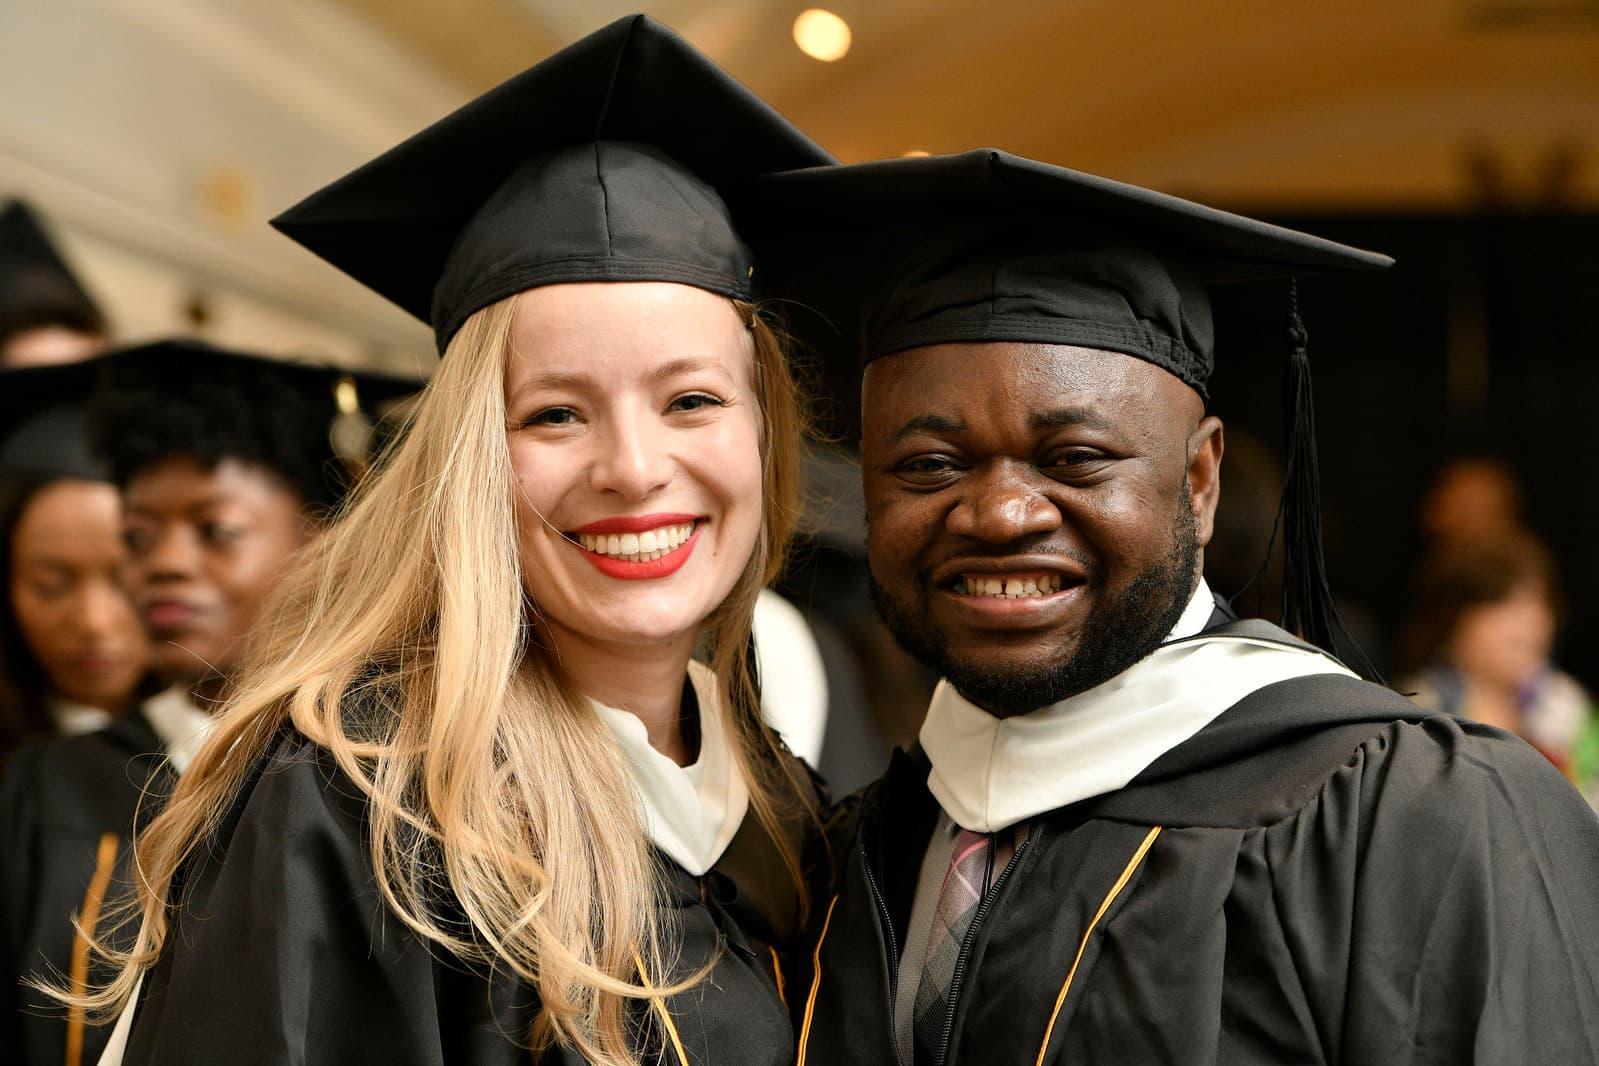 Johns Hopkins SAIS graduates at commencement